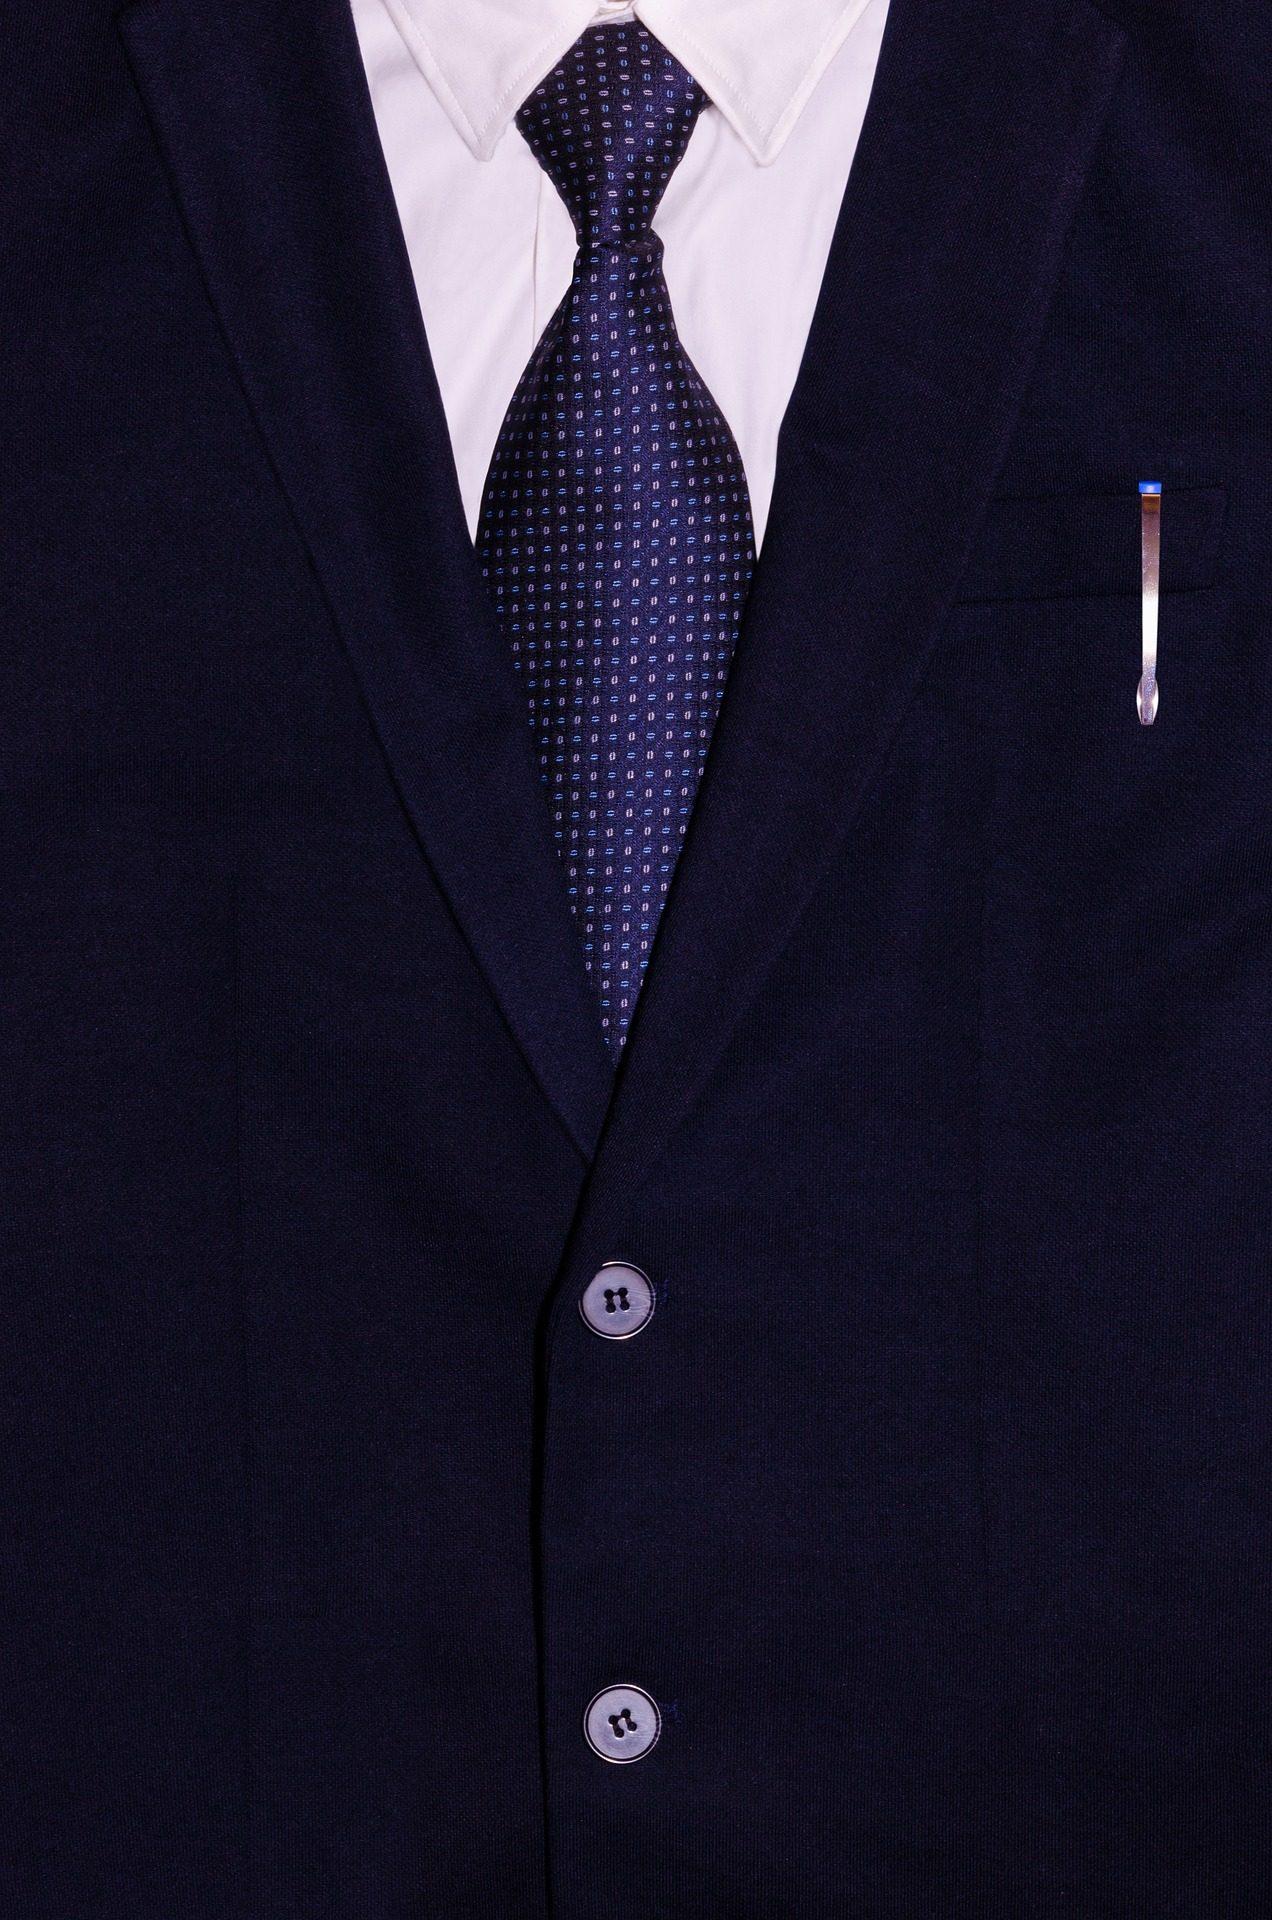 コスチューム, 喫煙, ジャケット, ネクタイ, シャツ, ボタン - HD の壁紙 - 教授-falken.com